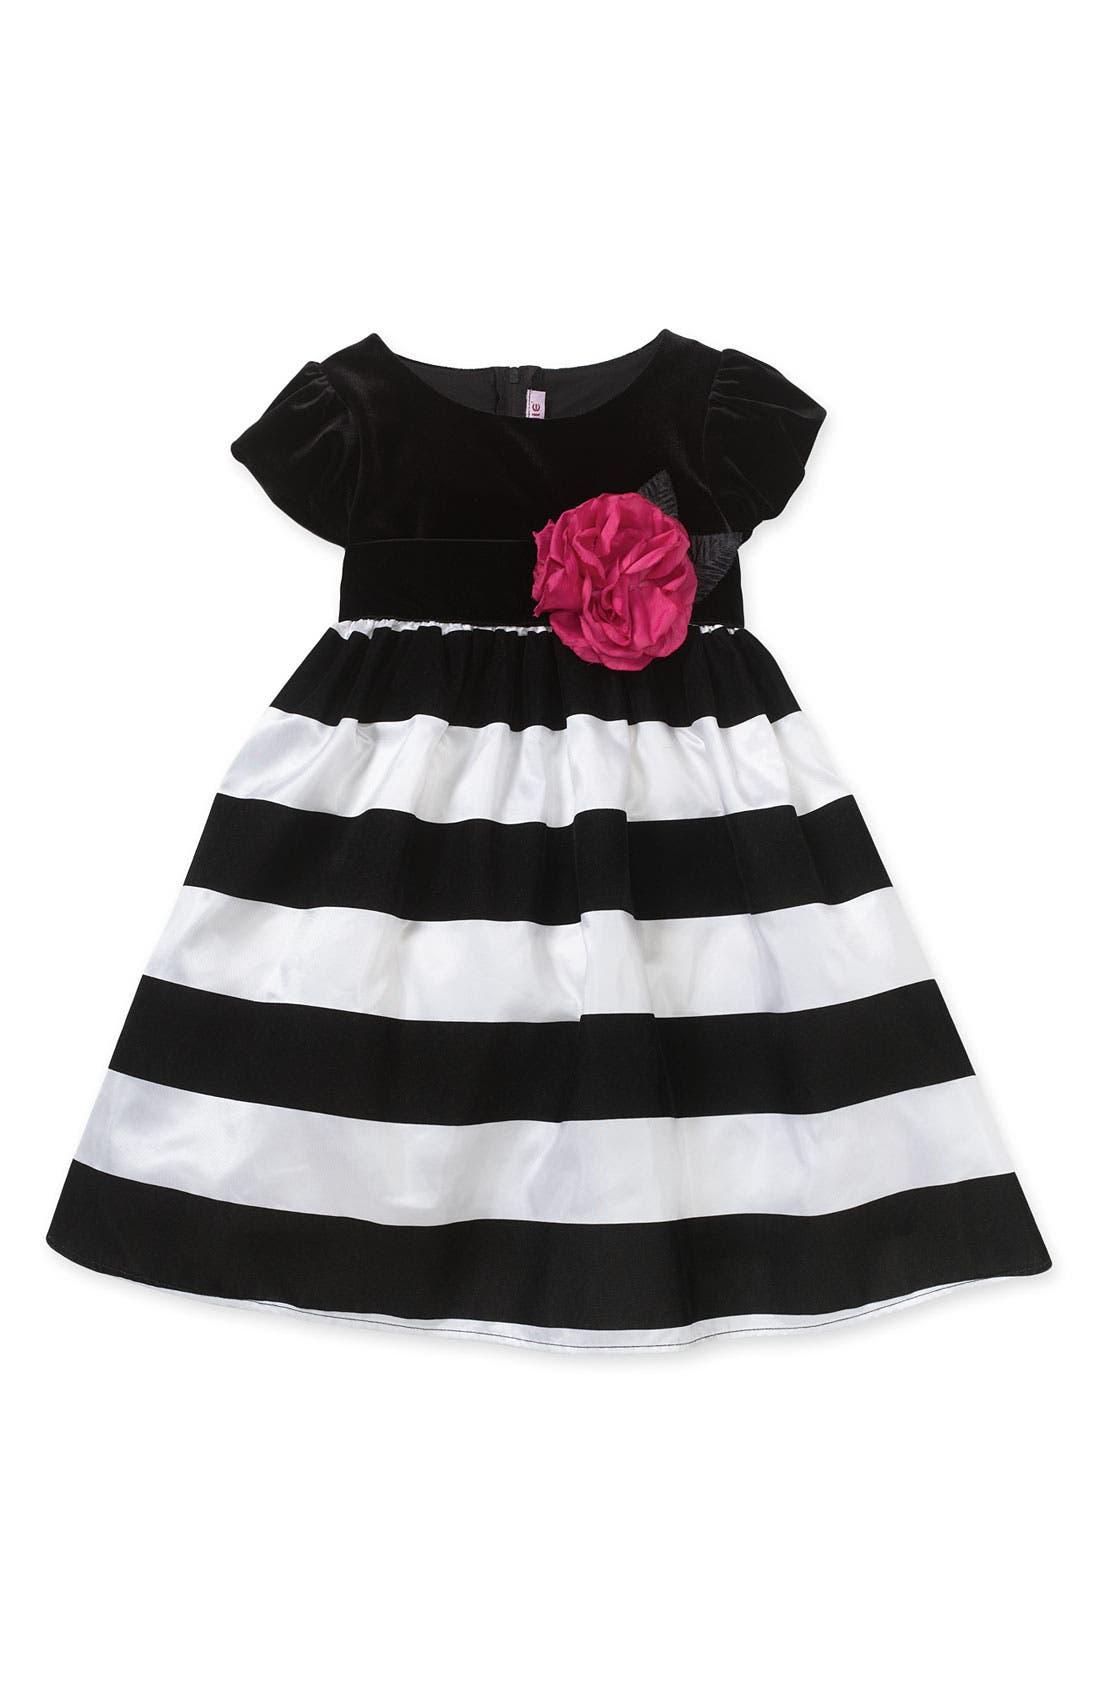 Alternate Image 1 Selected - Zunie Velvet Stripe Taffeta Dress (Little Girls)